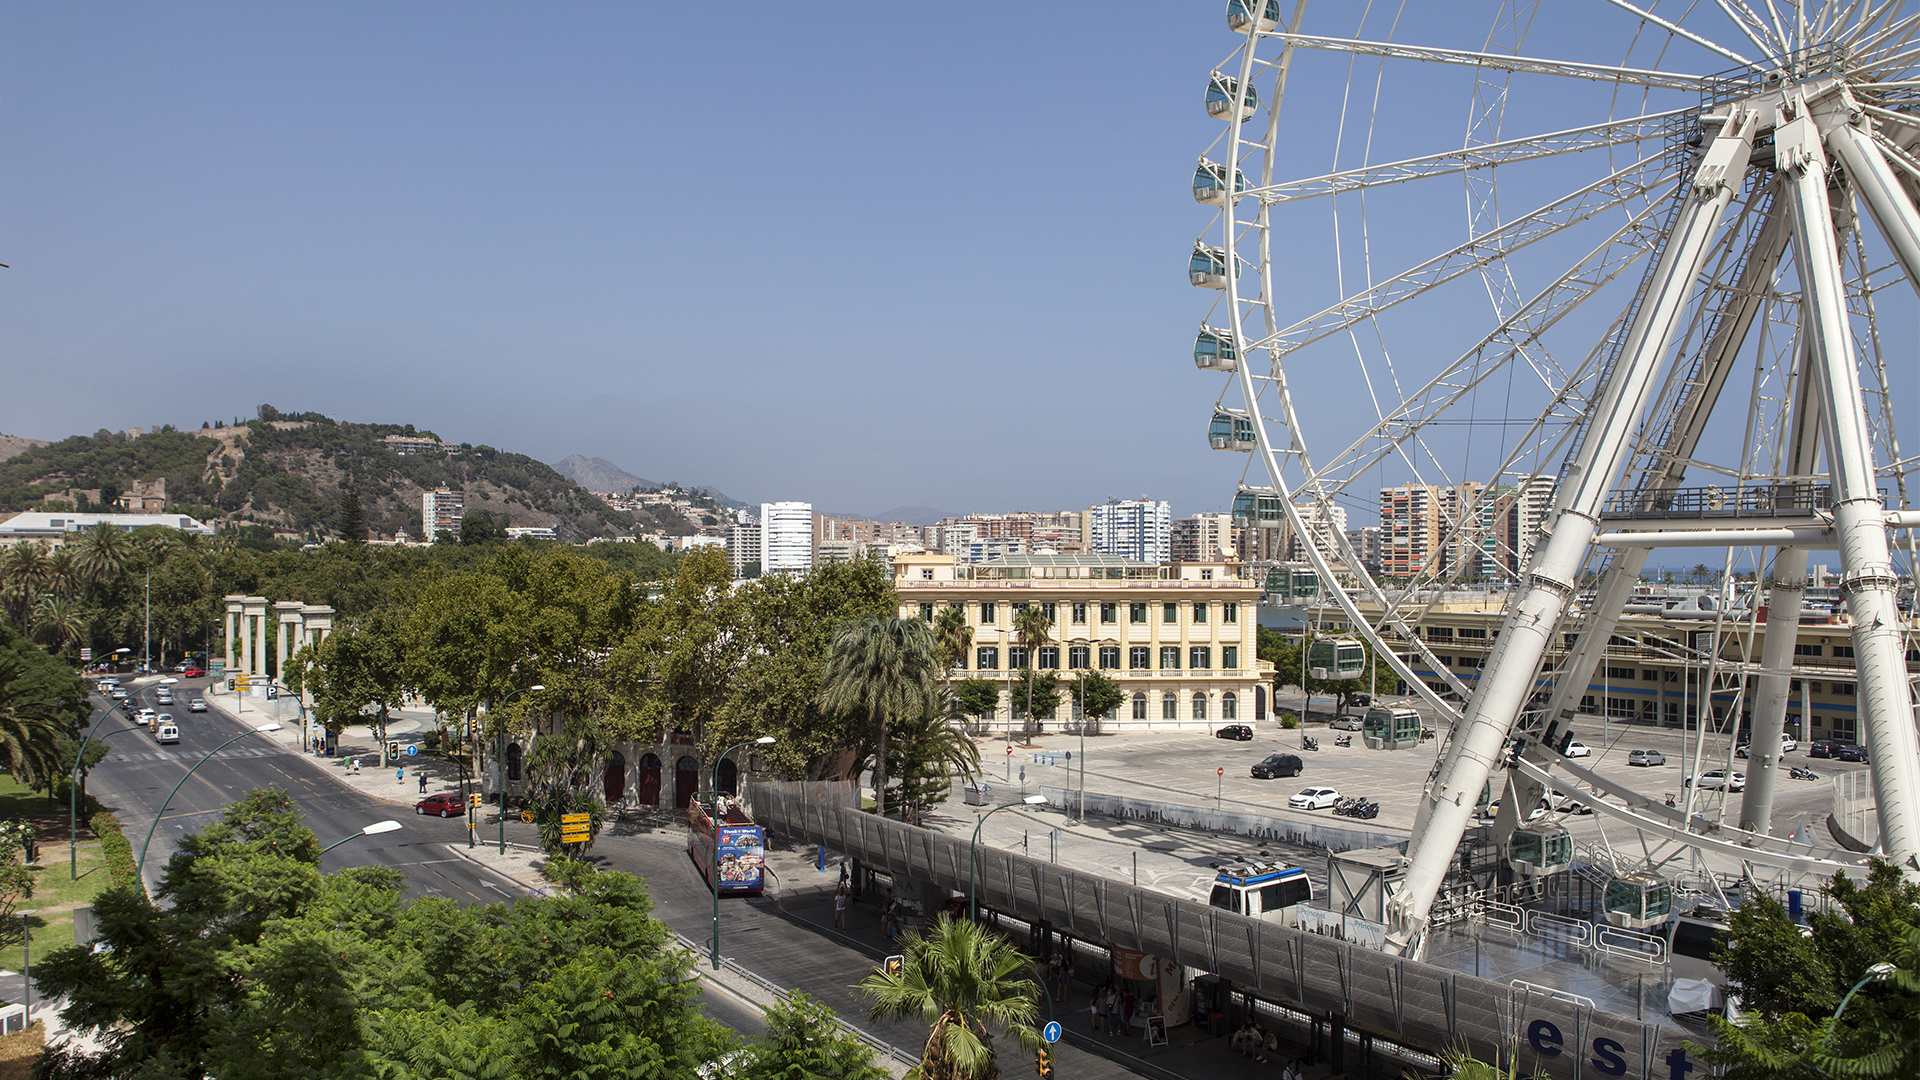 Inmobiliaria en Málaga, portal inmobiliario, viviendas en venta